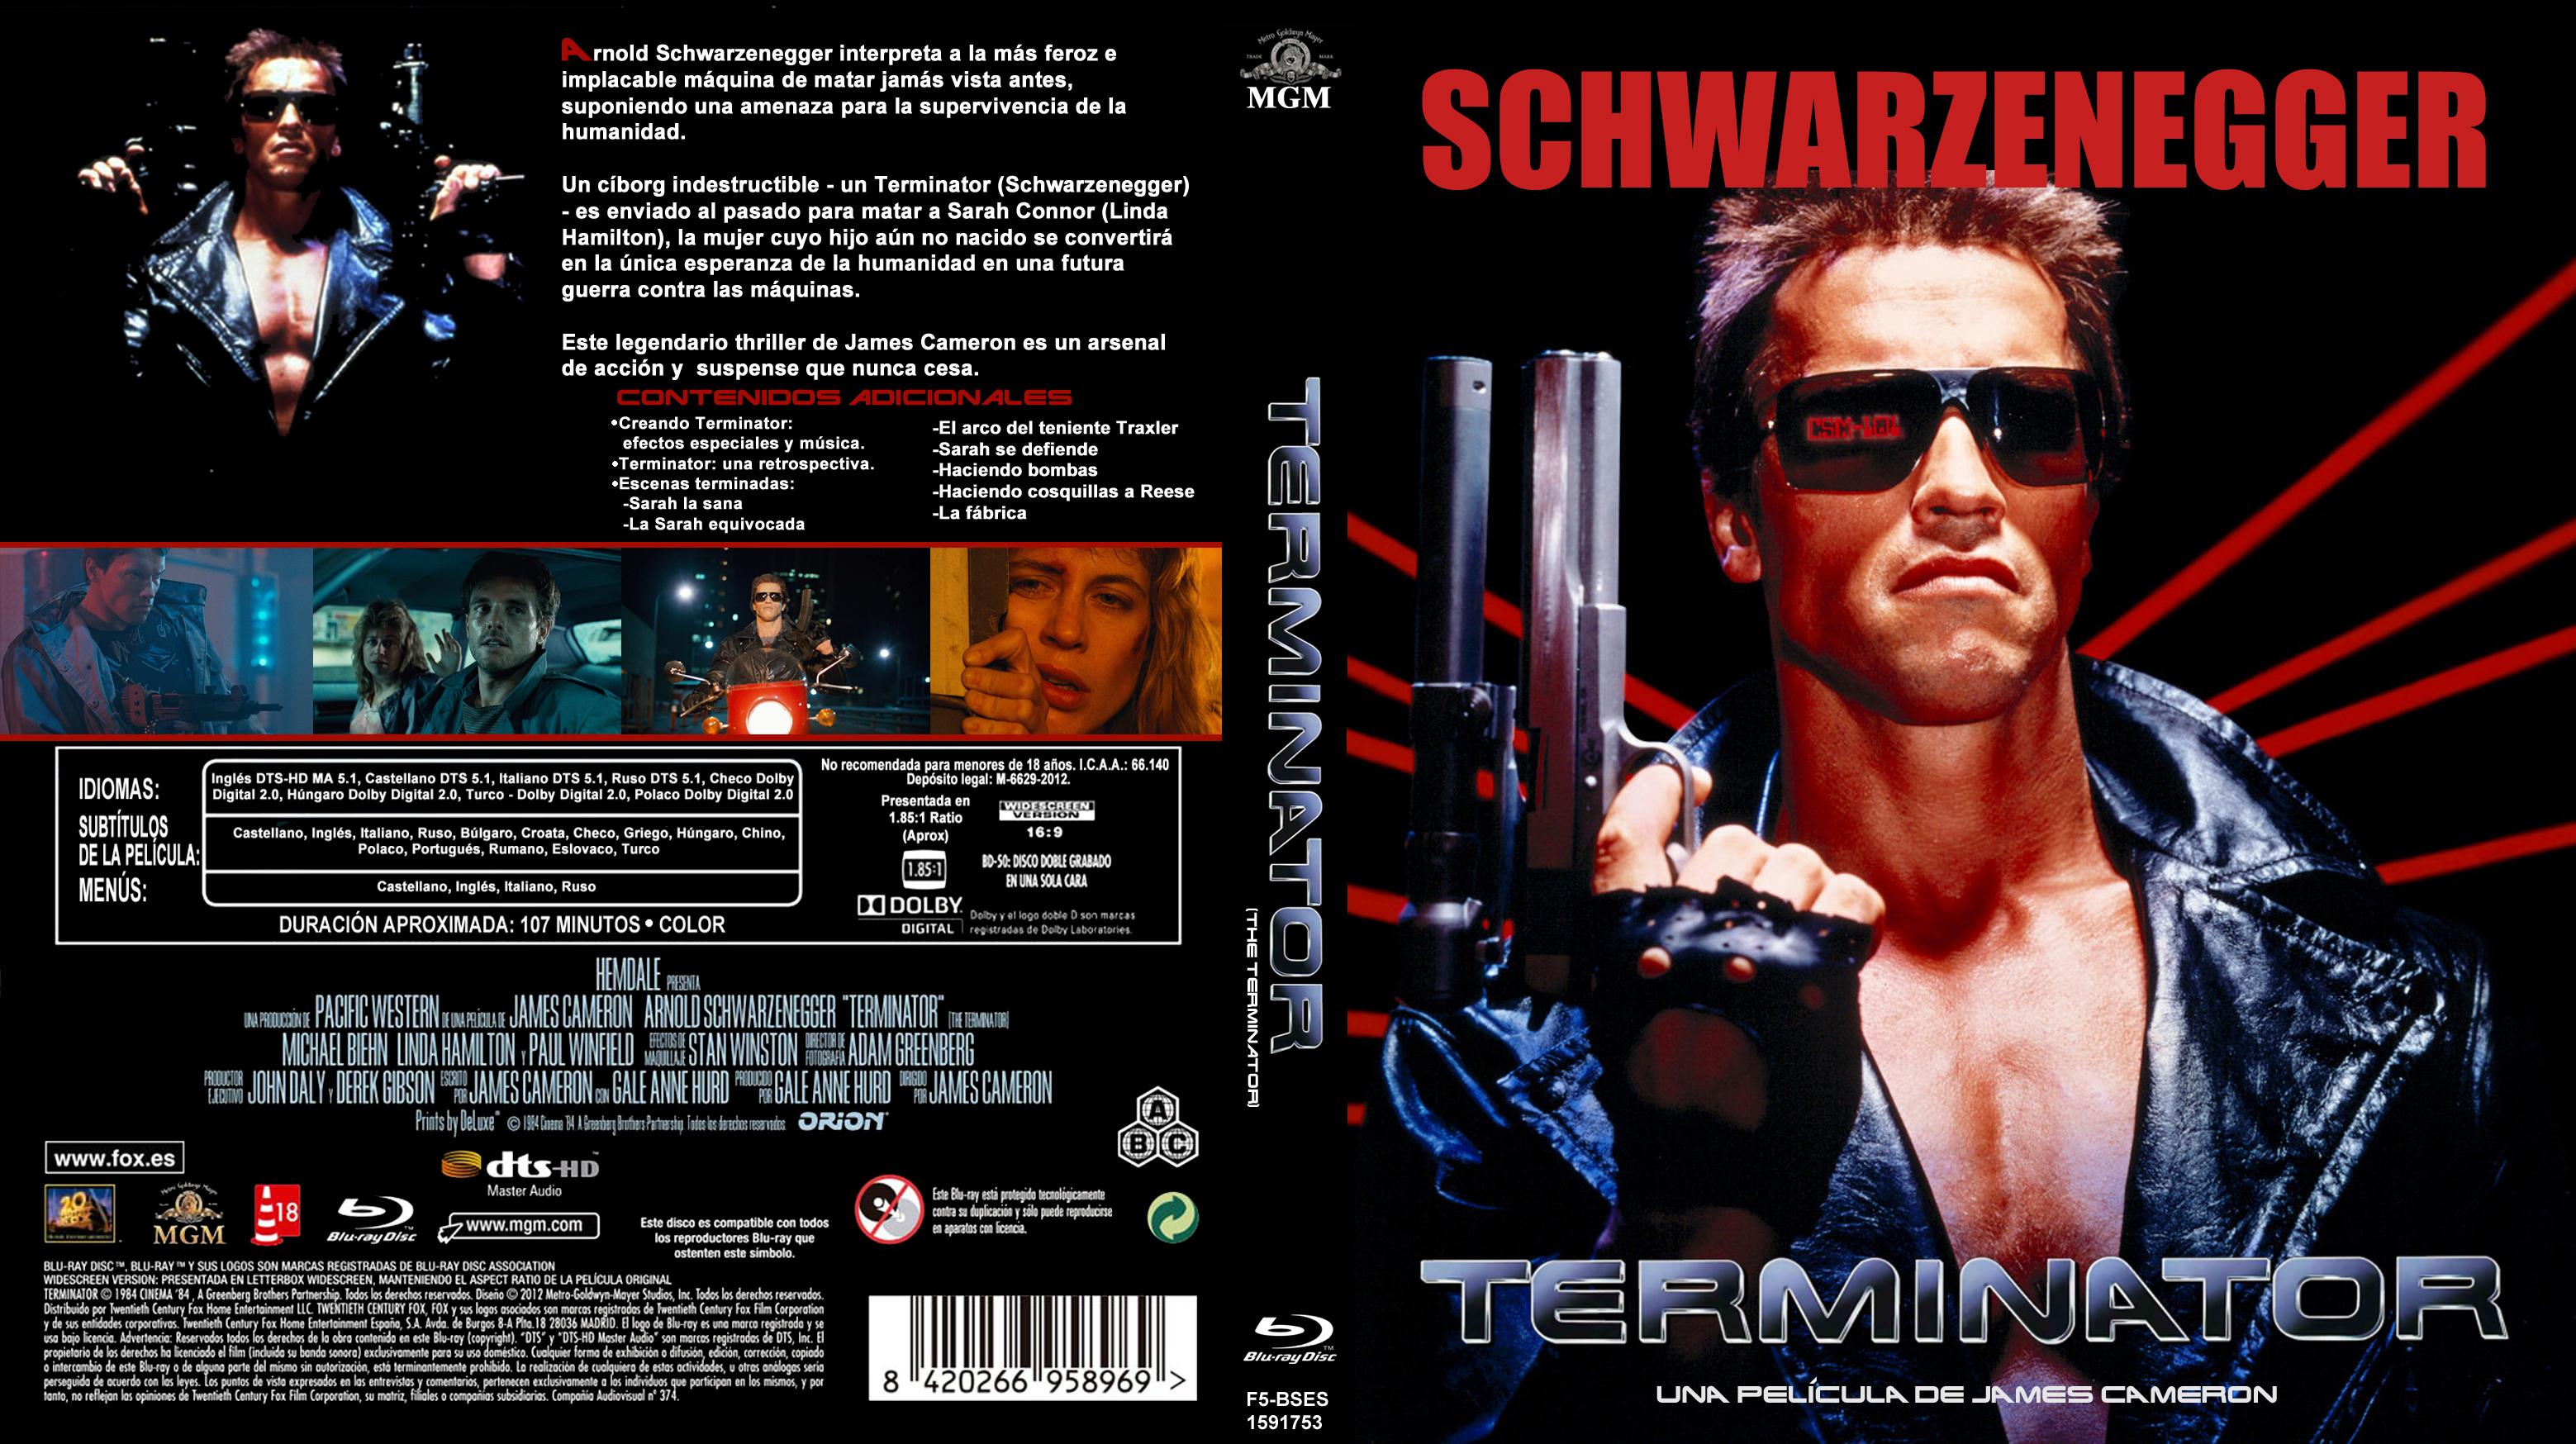 Amazon.com: Terminator - 1 To 4 Box Set [DVD]: Movies & TV